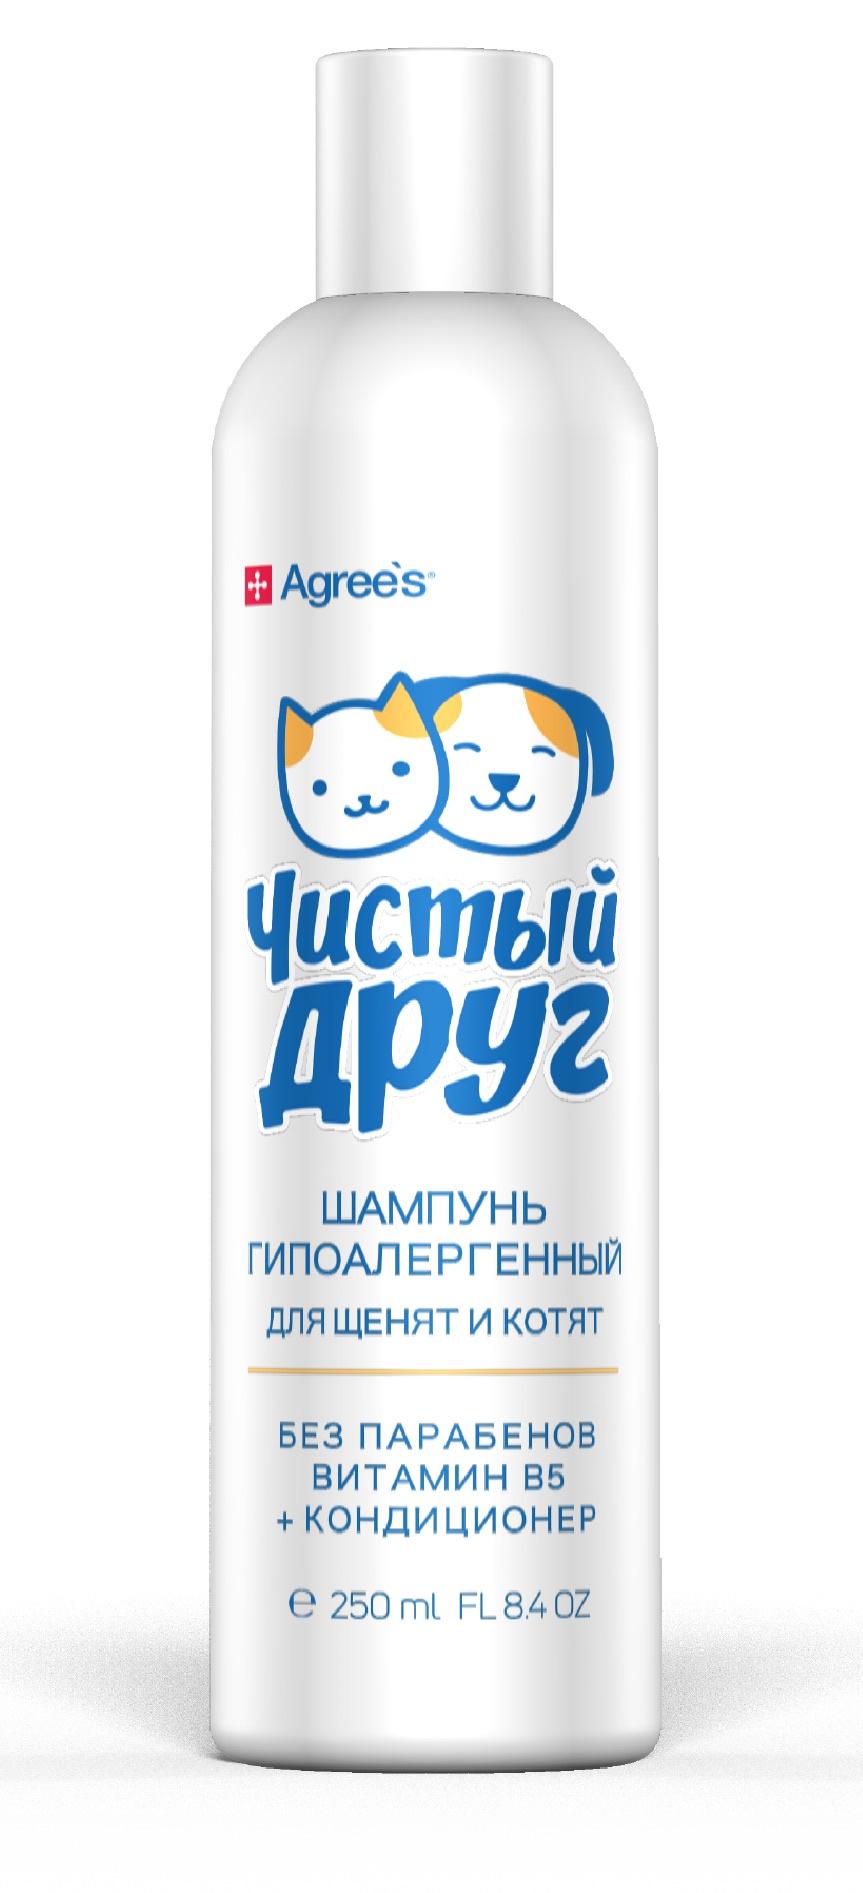 Шампунь для животных Agree's for pets Чистый друг, для щенят и котят, гипоаллергенный, c алое-вера 201 top pets store 353101 201